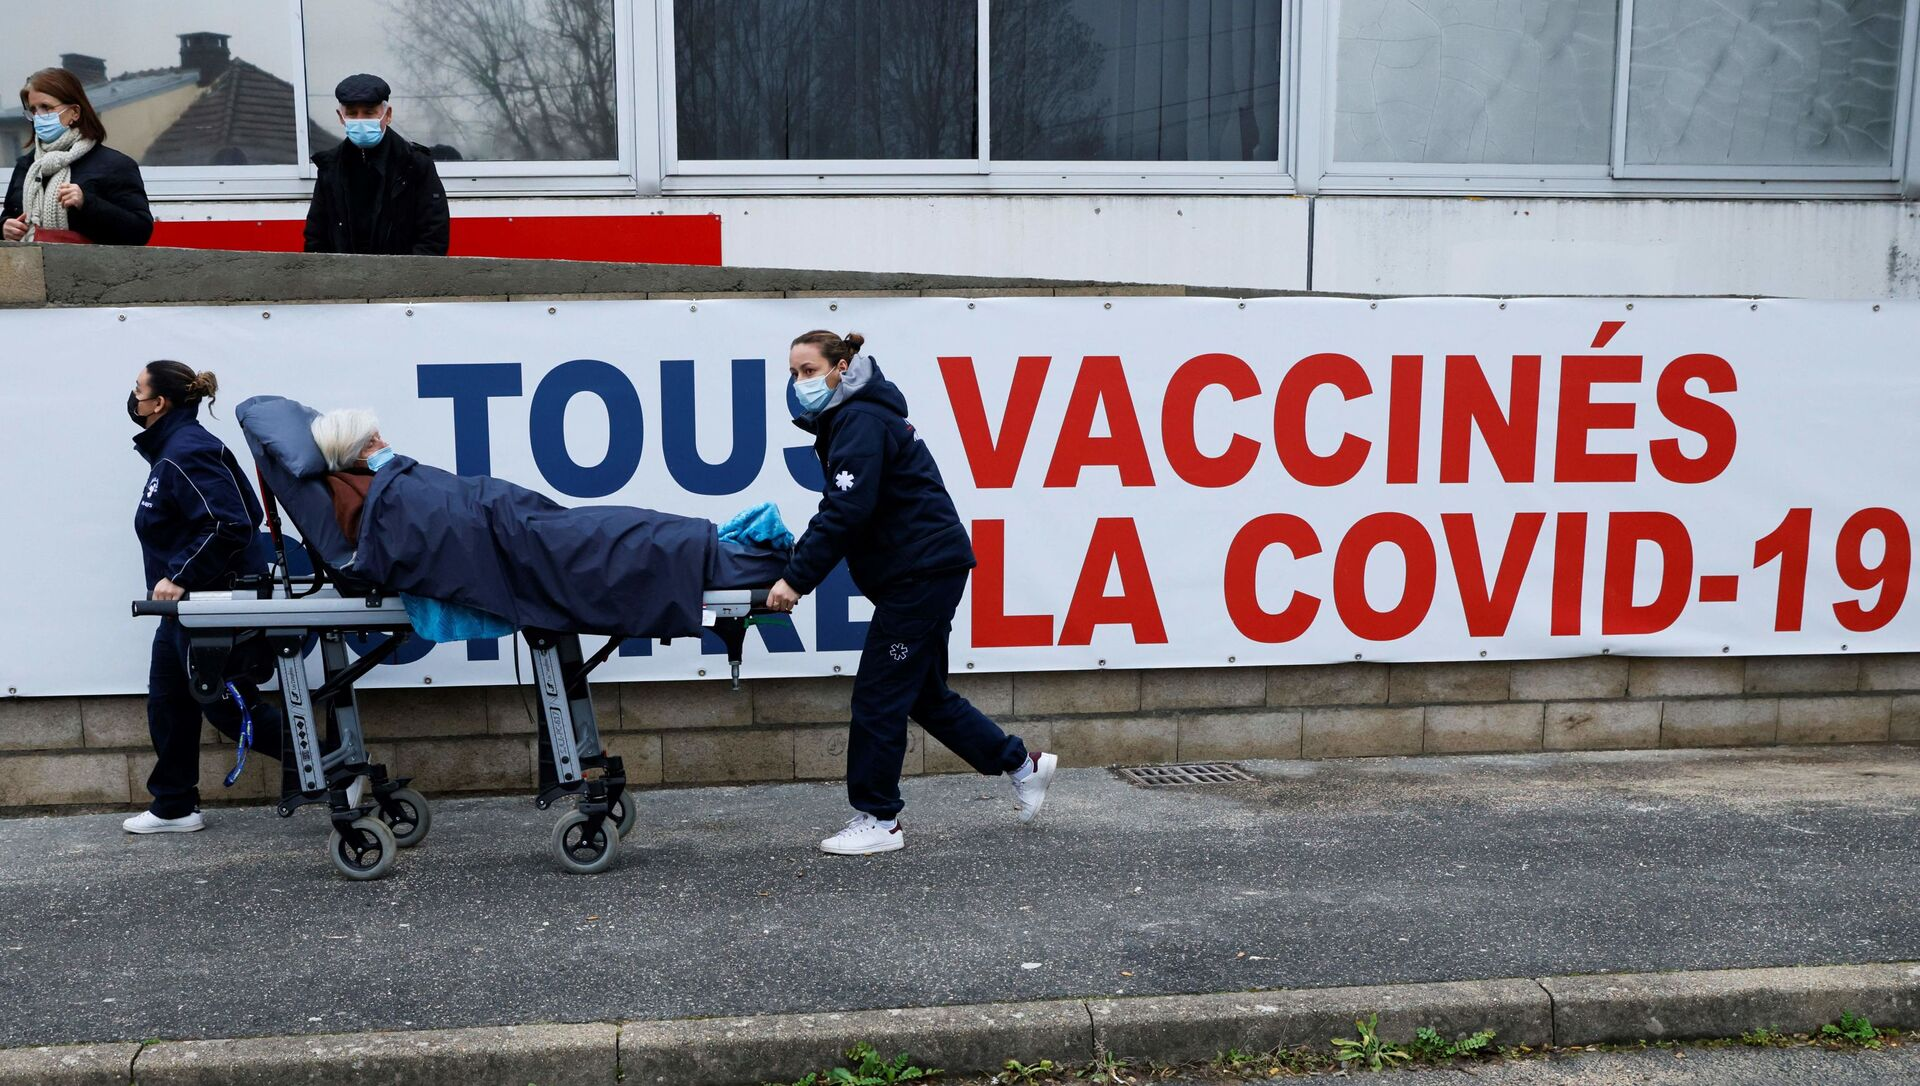 Une femme est transportée sur un brancard au centre de vaccination Covid-19 du Groupe Hospitalier Sud Ile-de-France à Melun. - Sputnik France, 1920, 30.07.2021